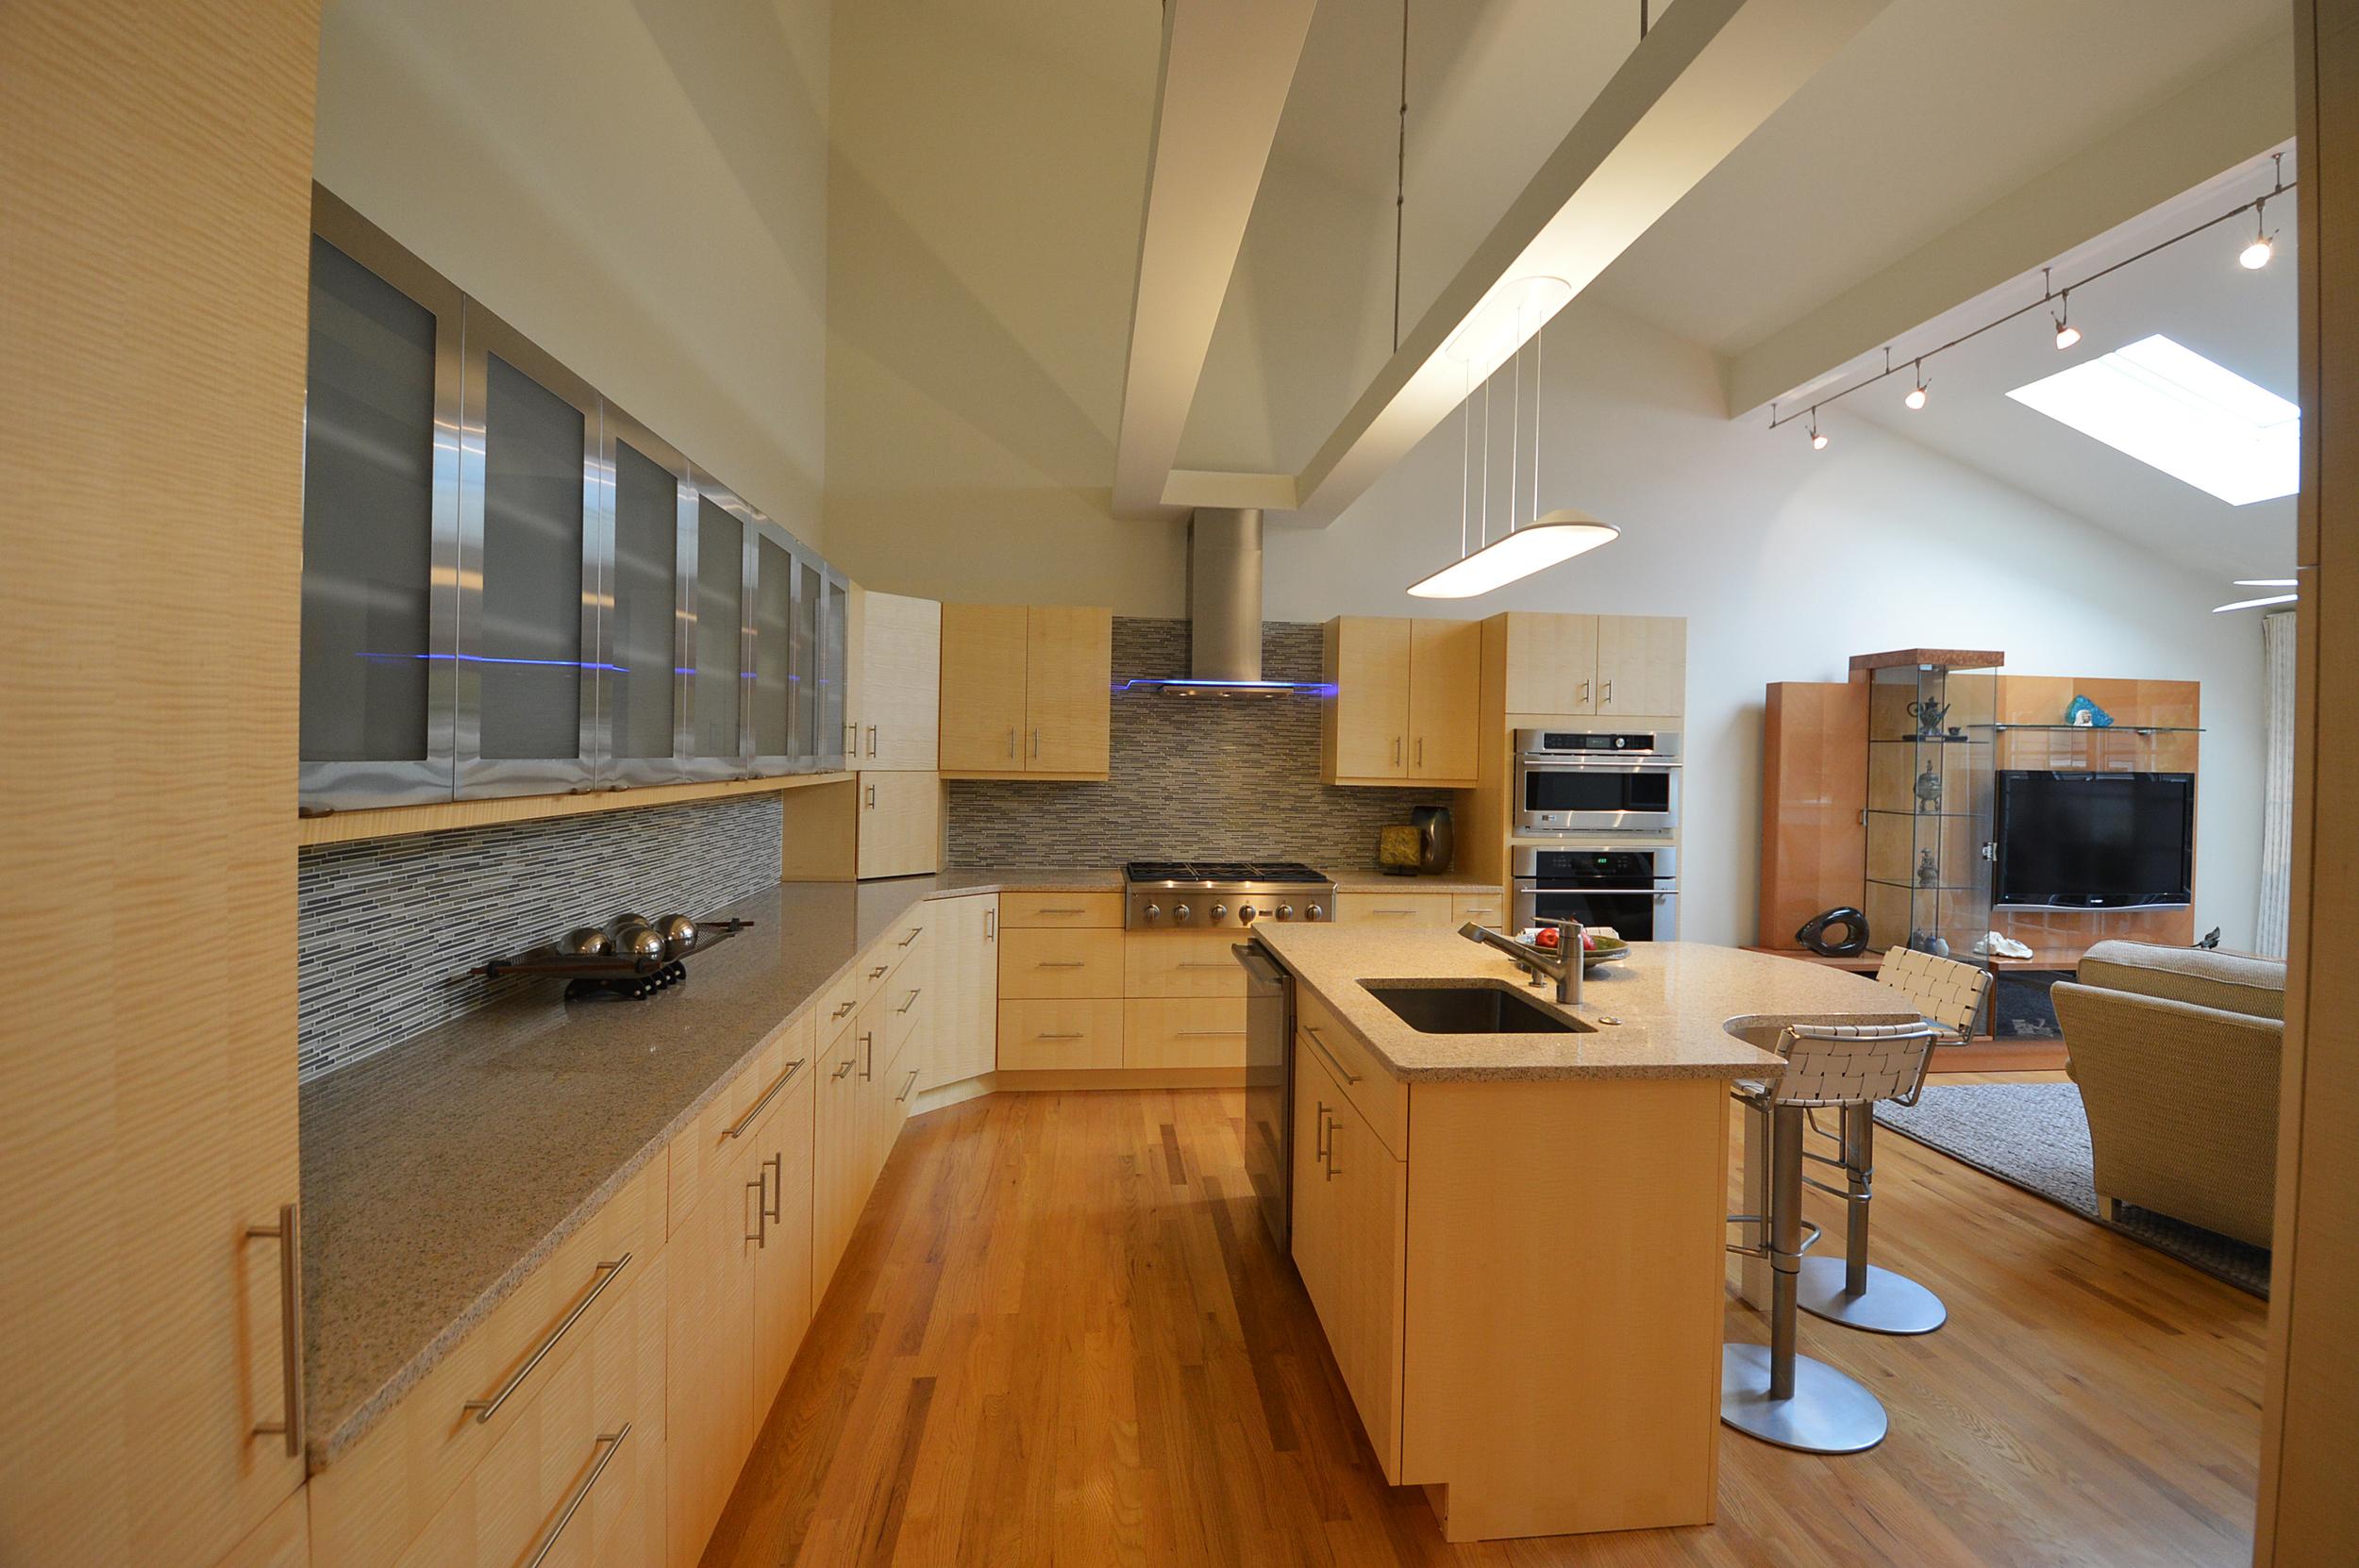 Stunning Contemporary Kitchen in Devon, PA